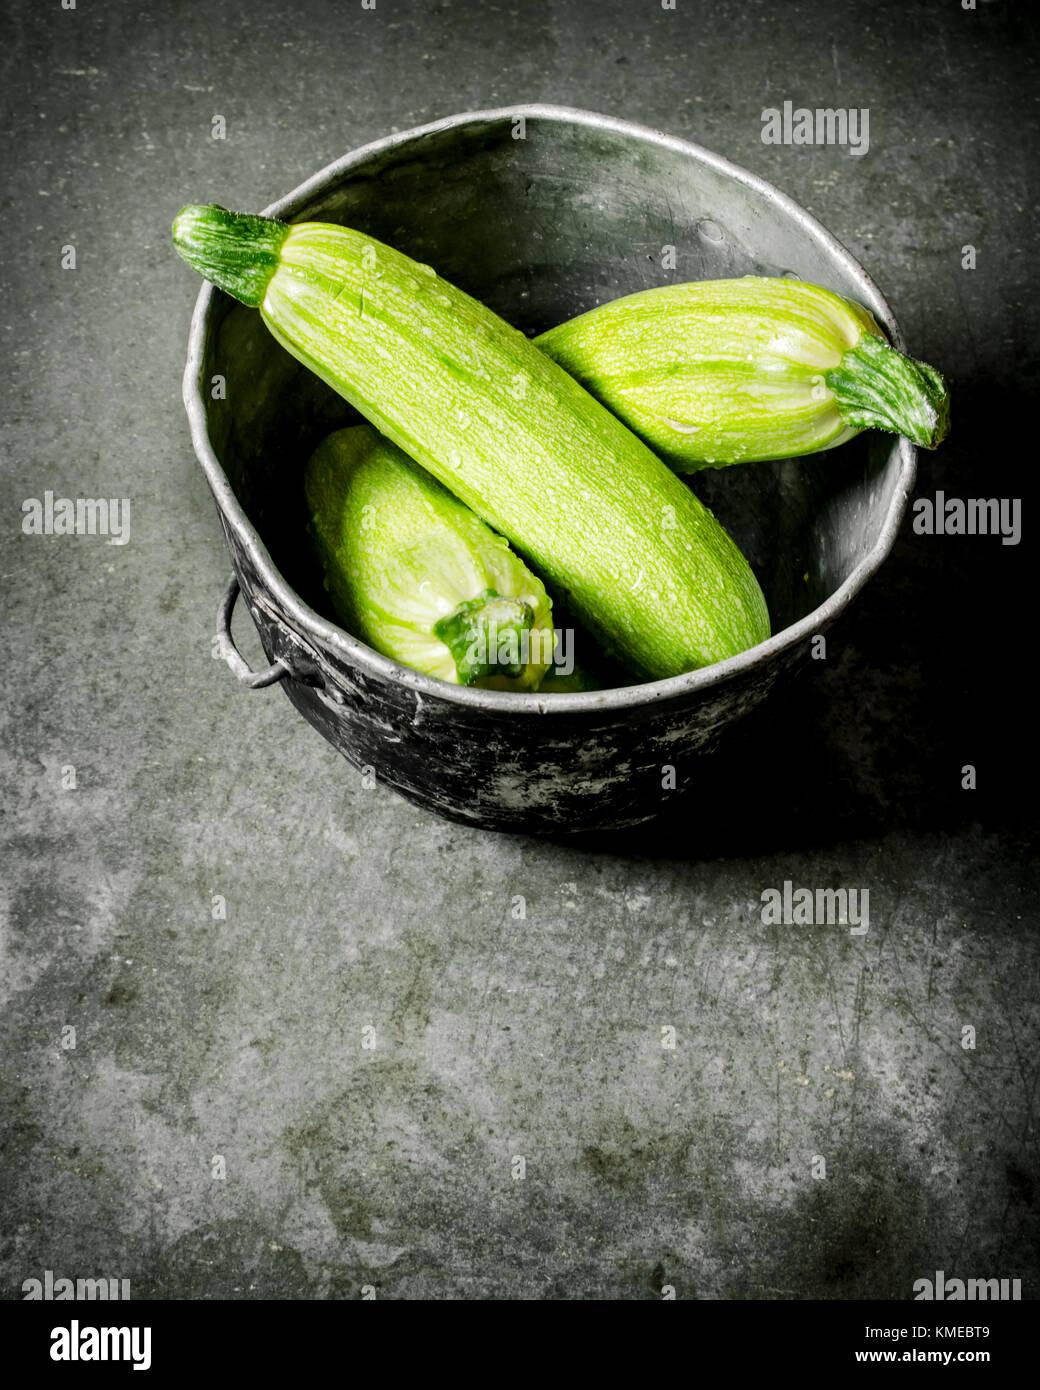 courgette plant pot stock photos courgette plant pot stock images alamy. Black Bedroom Furniture Sets. Home Design Ideas